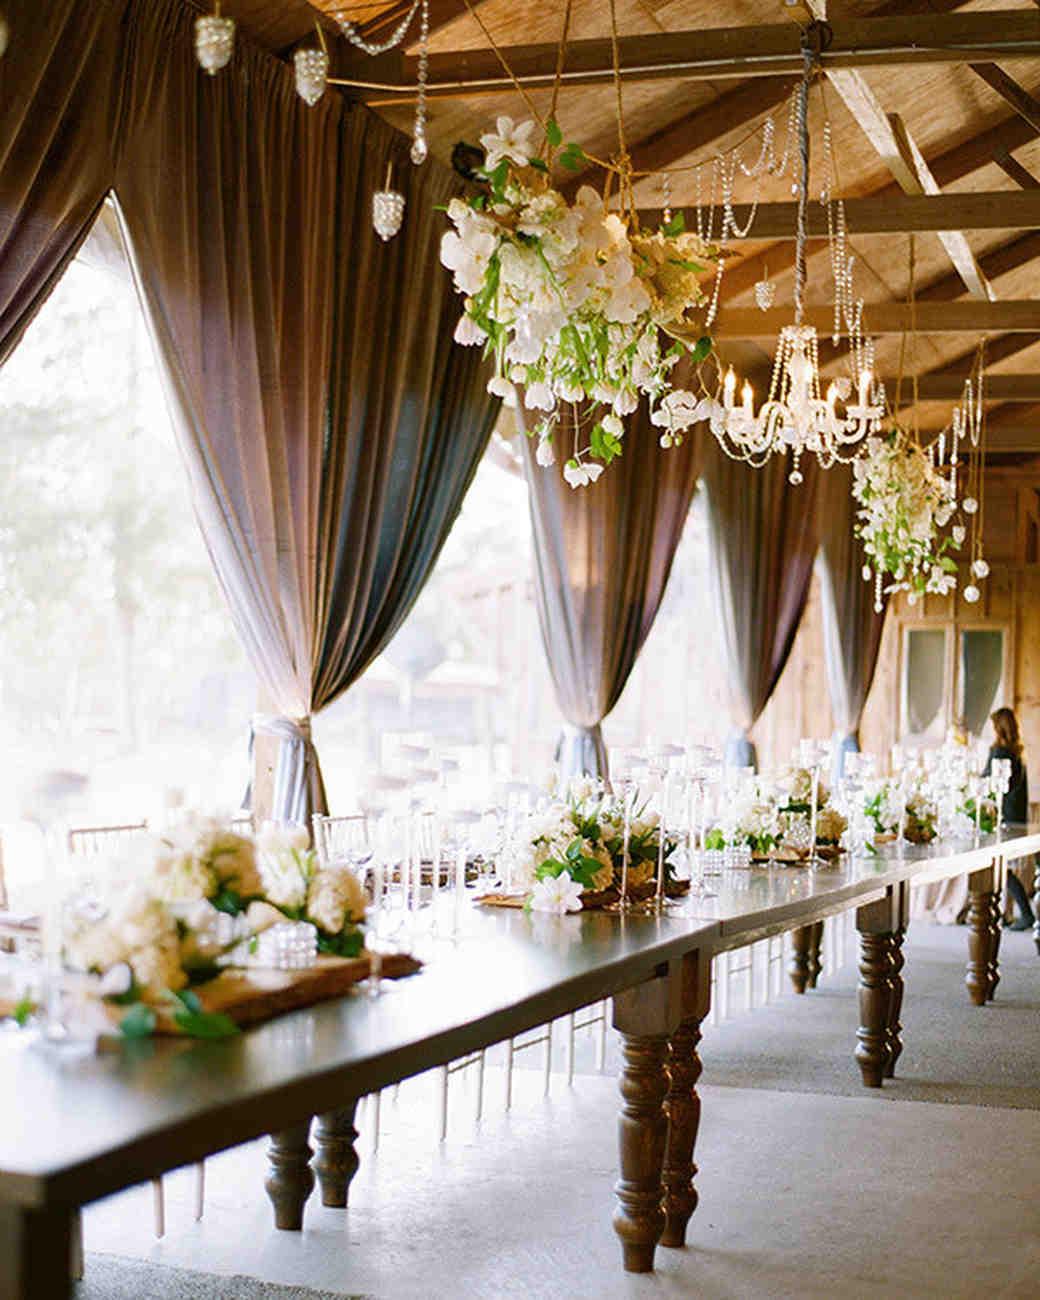 Martha Stewart Rustic Wedding